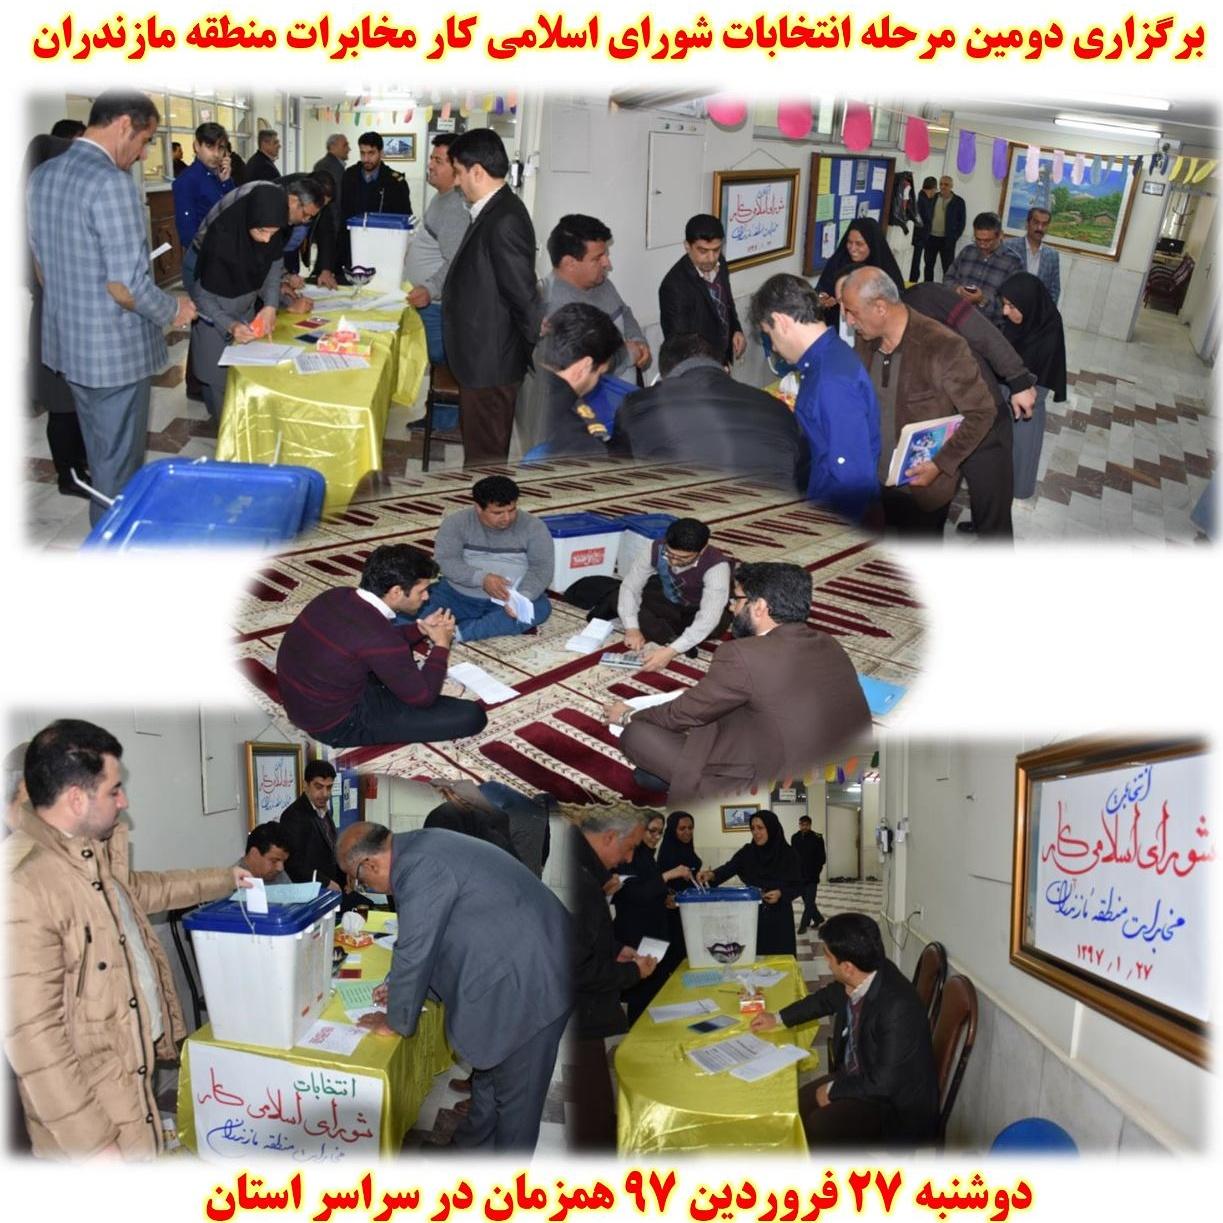 دومین دوره شورای ی کار مخابرات مازندران